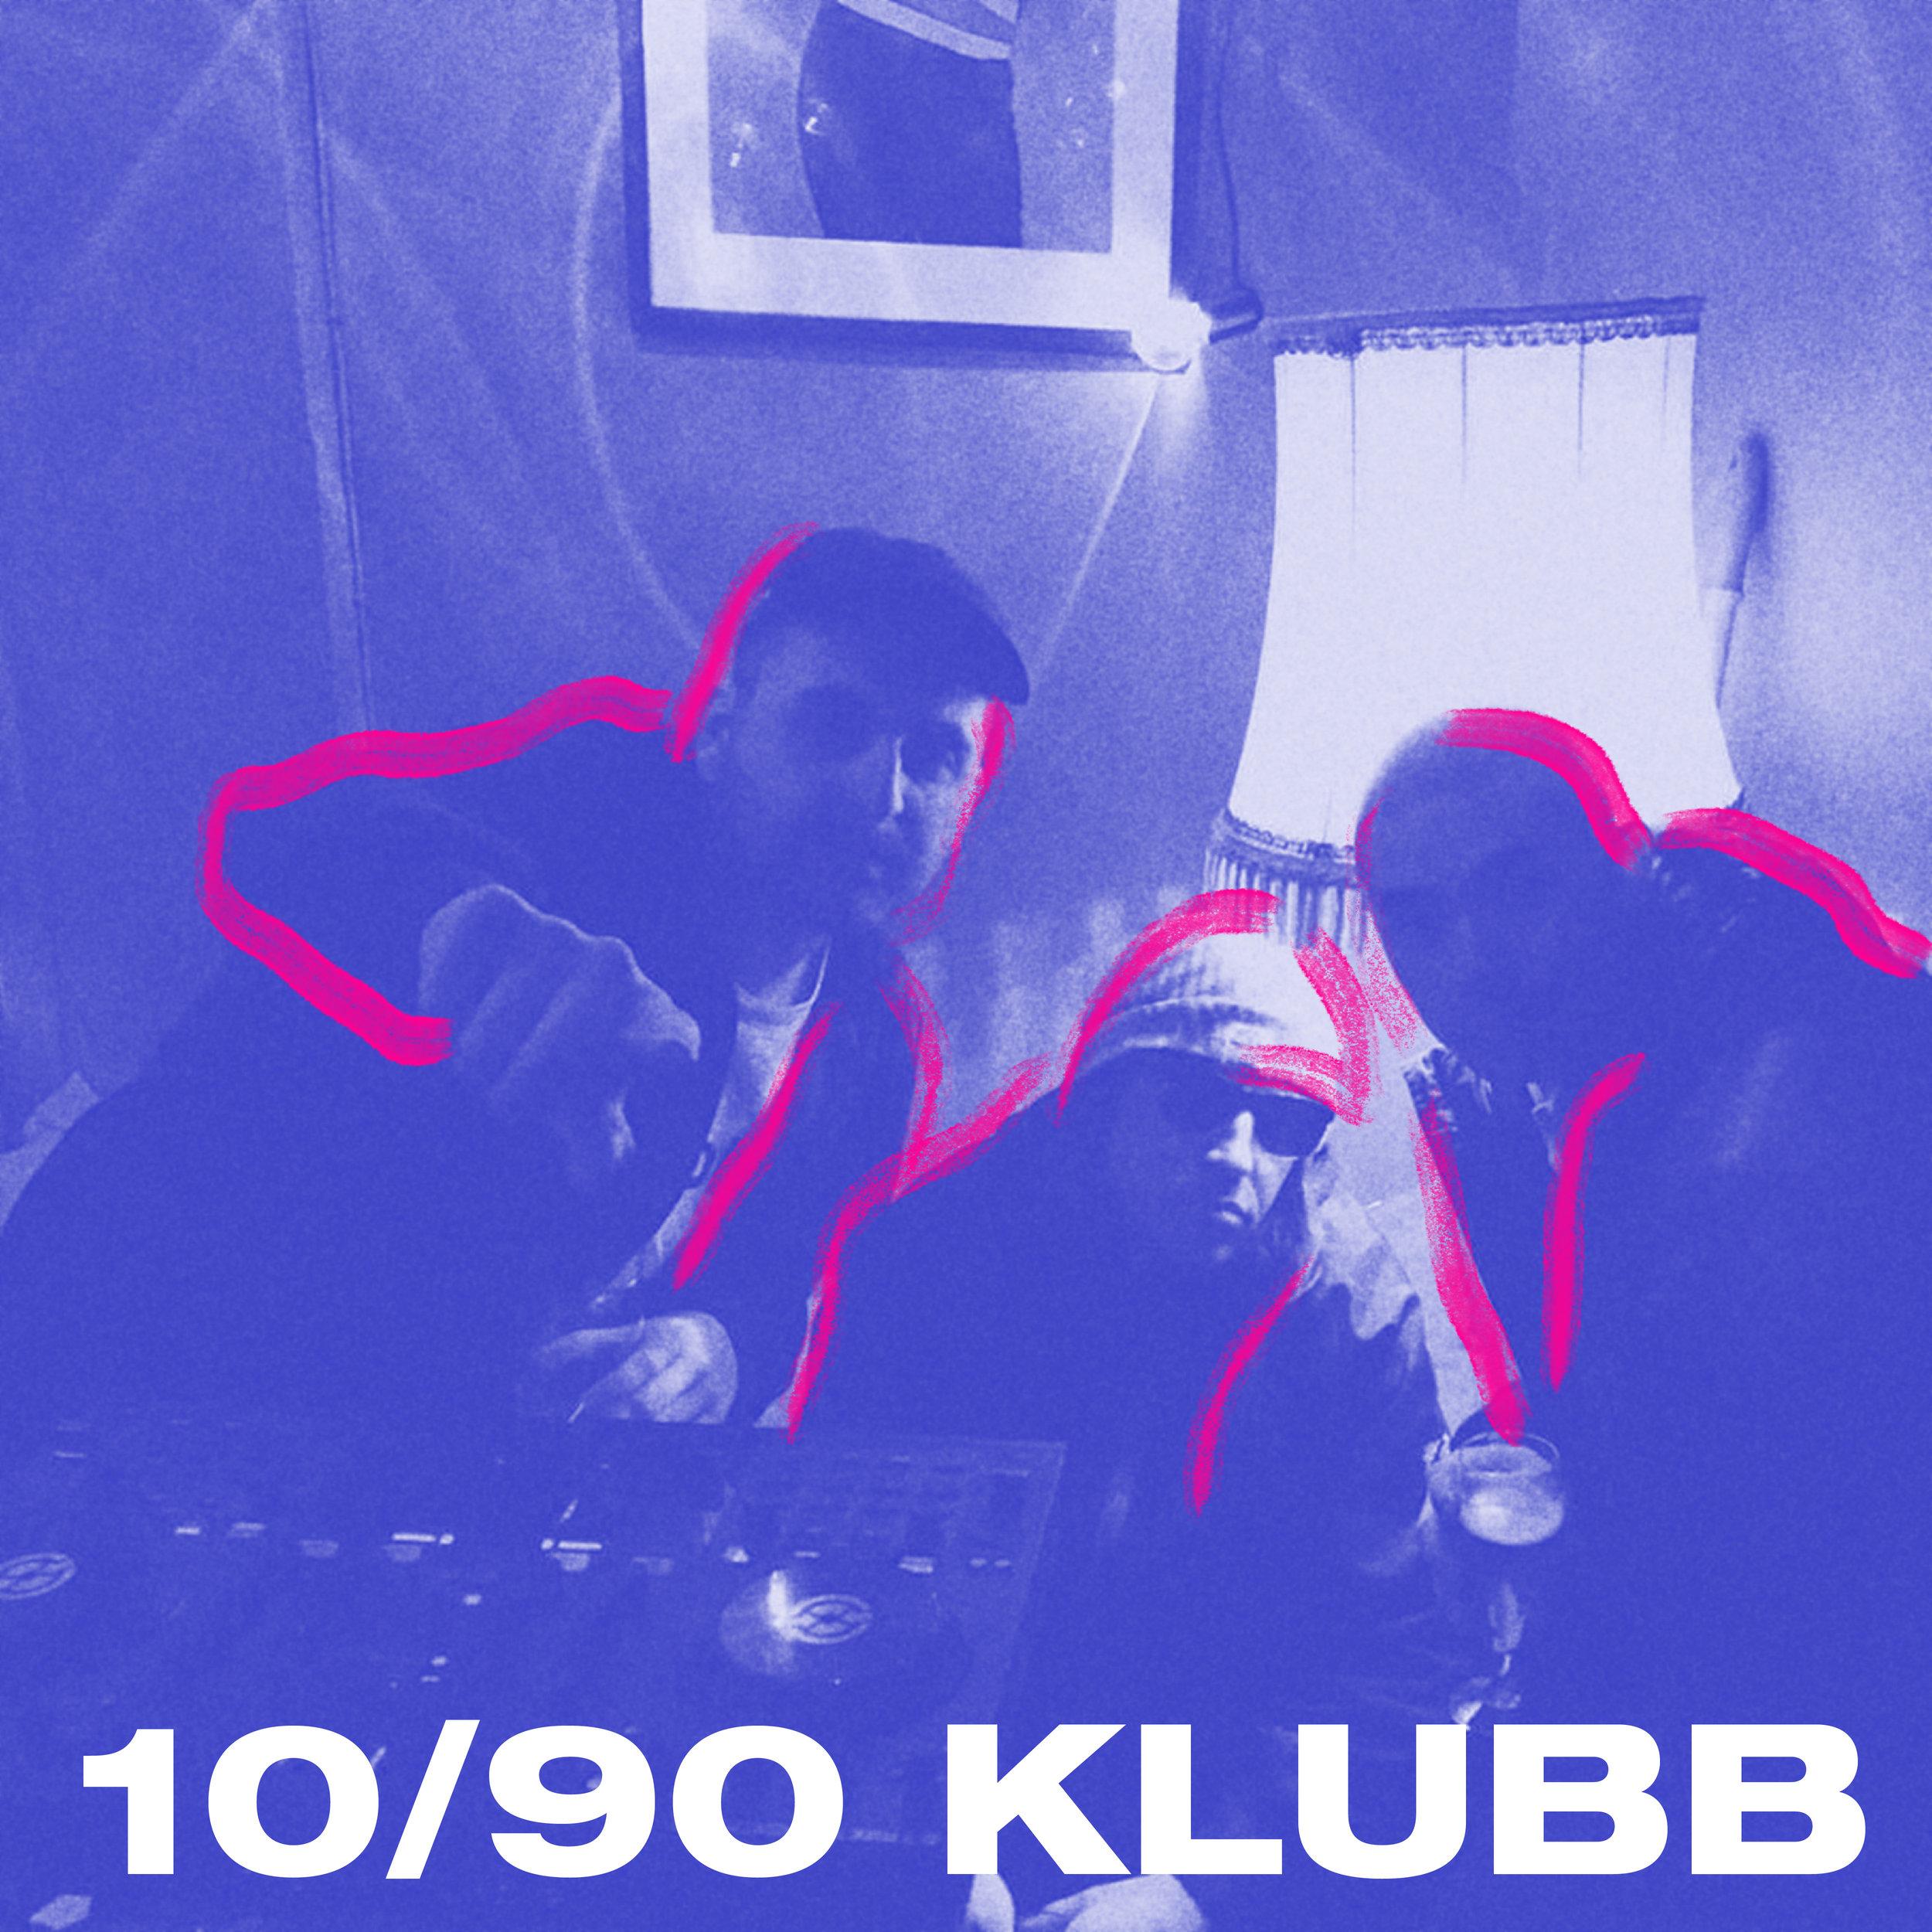 10/90 er et kollektiv bestående av Bergensbaserte artister tilknyttet miljøet rundt produsent Hkon. I løpet av hans klubbsett får folk servert bassorientert musikk, med både egne produksjoner og uutgitte låter, spekket med live gjestevokalister.